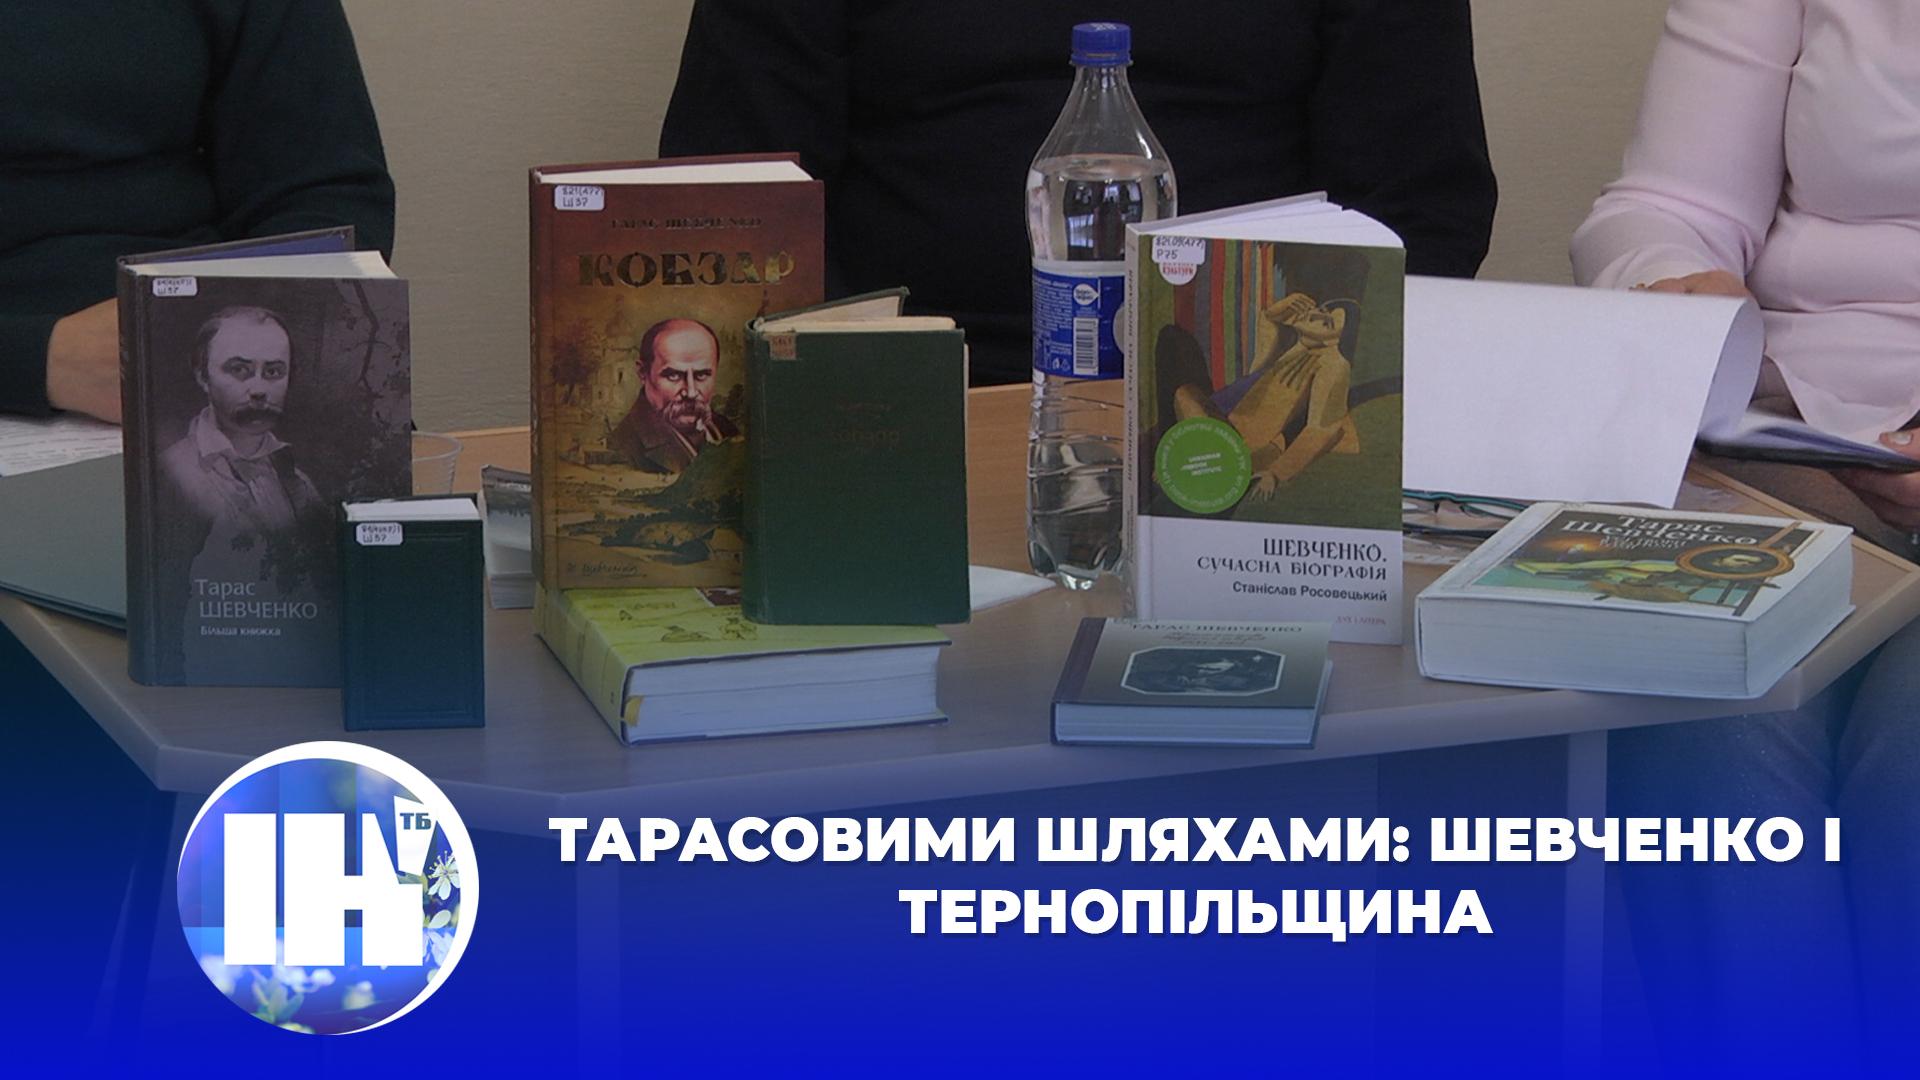 Тарасовими шляхами: Шевченко і Тернопільщина